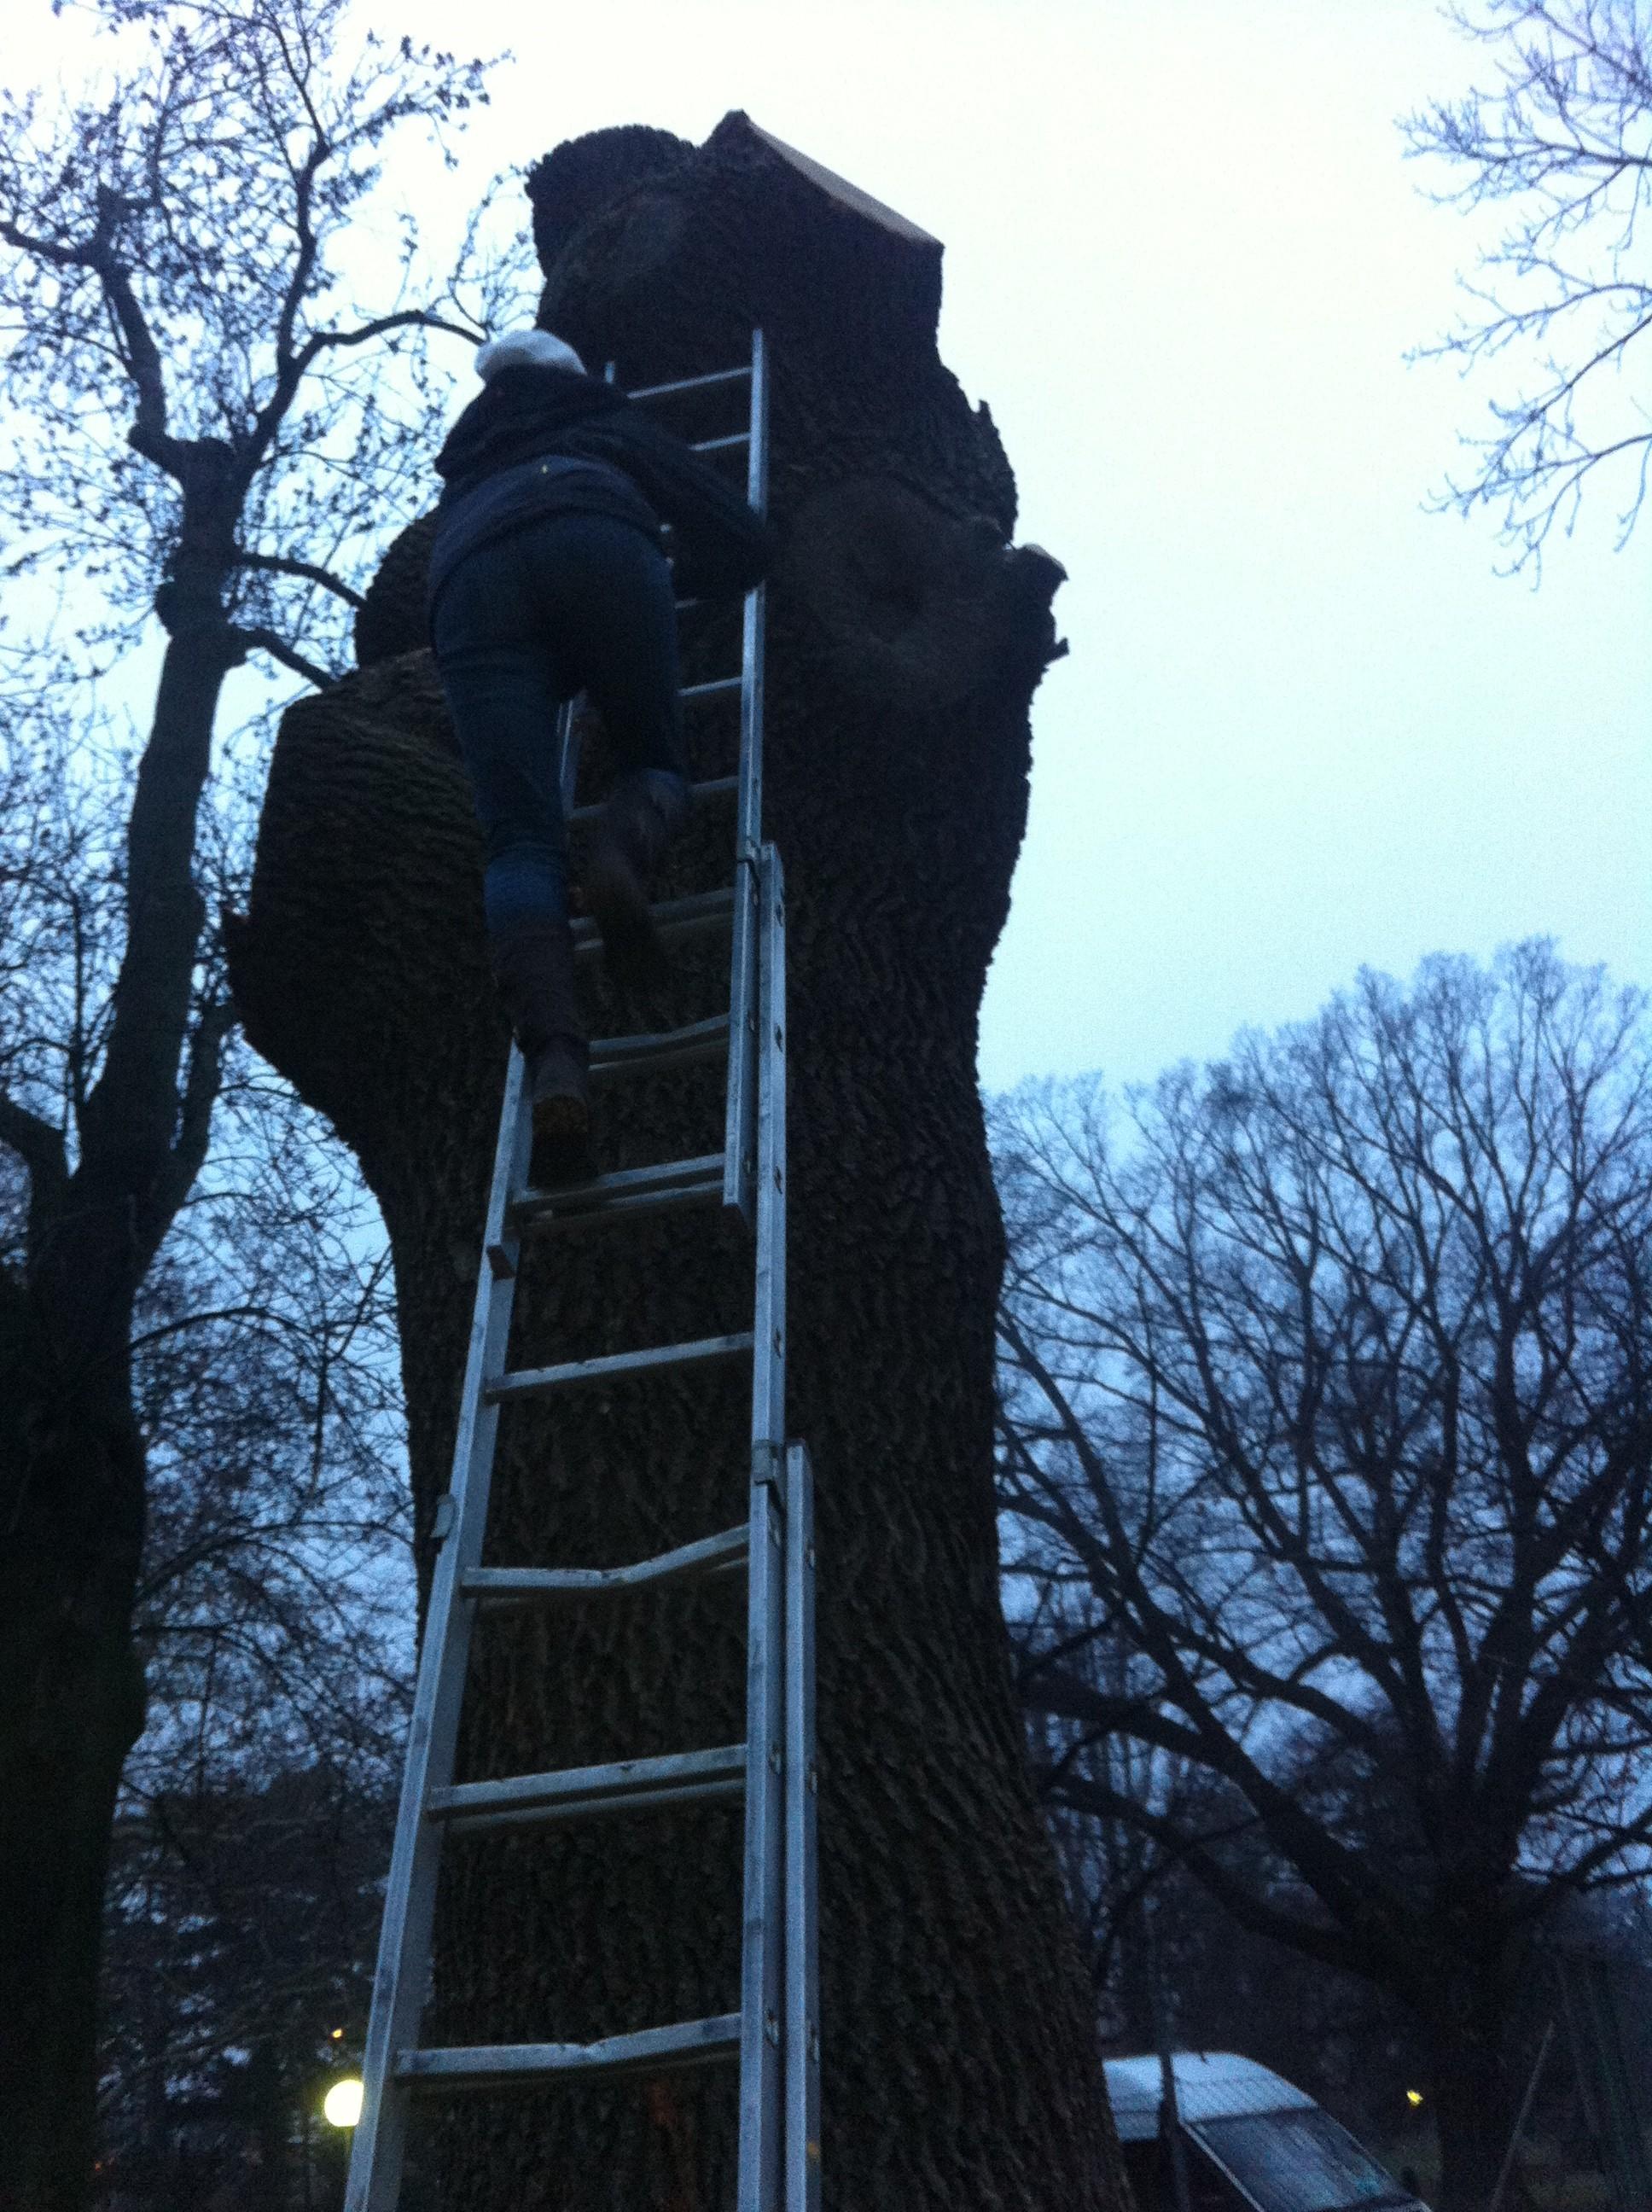 Untersuchung des Baumes